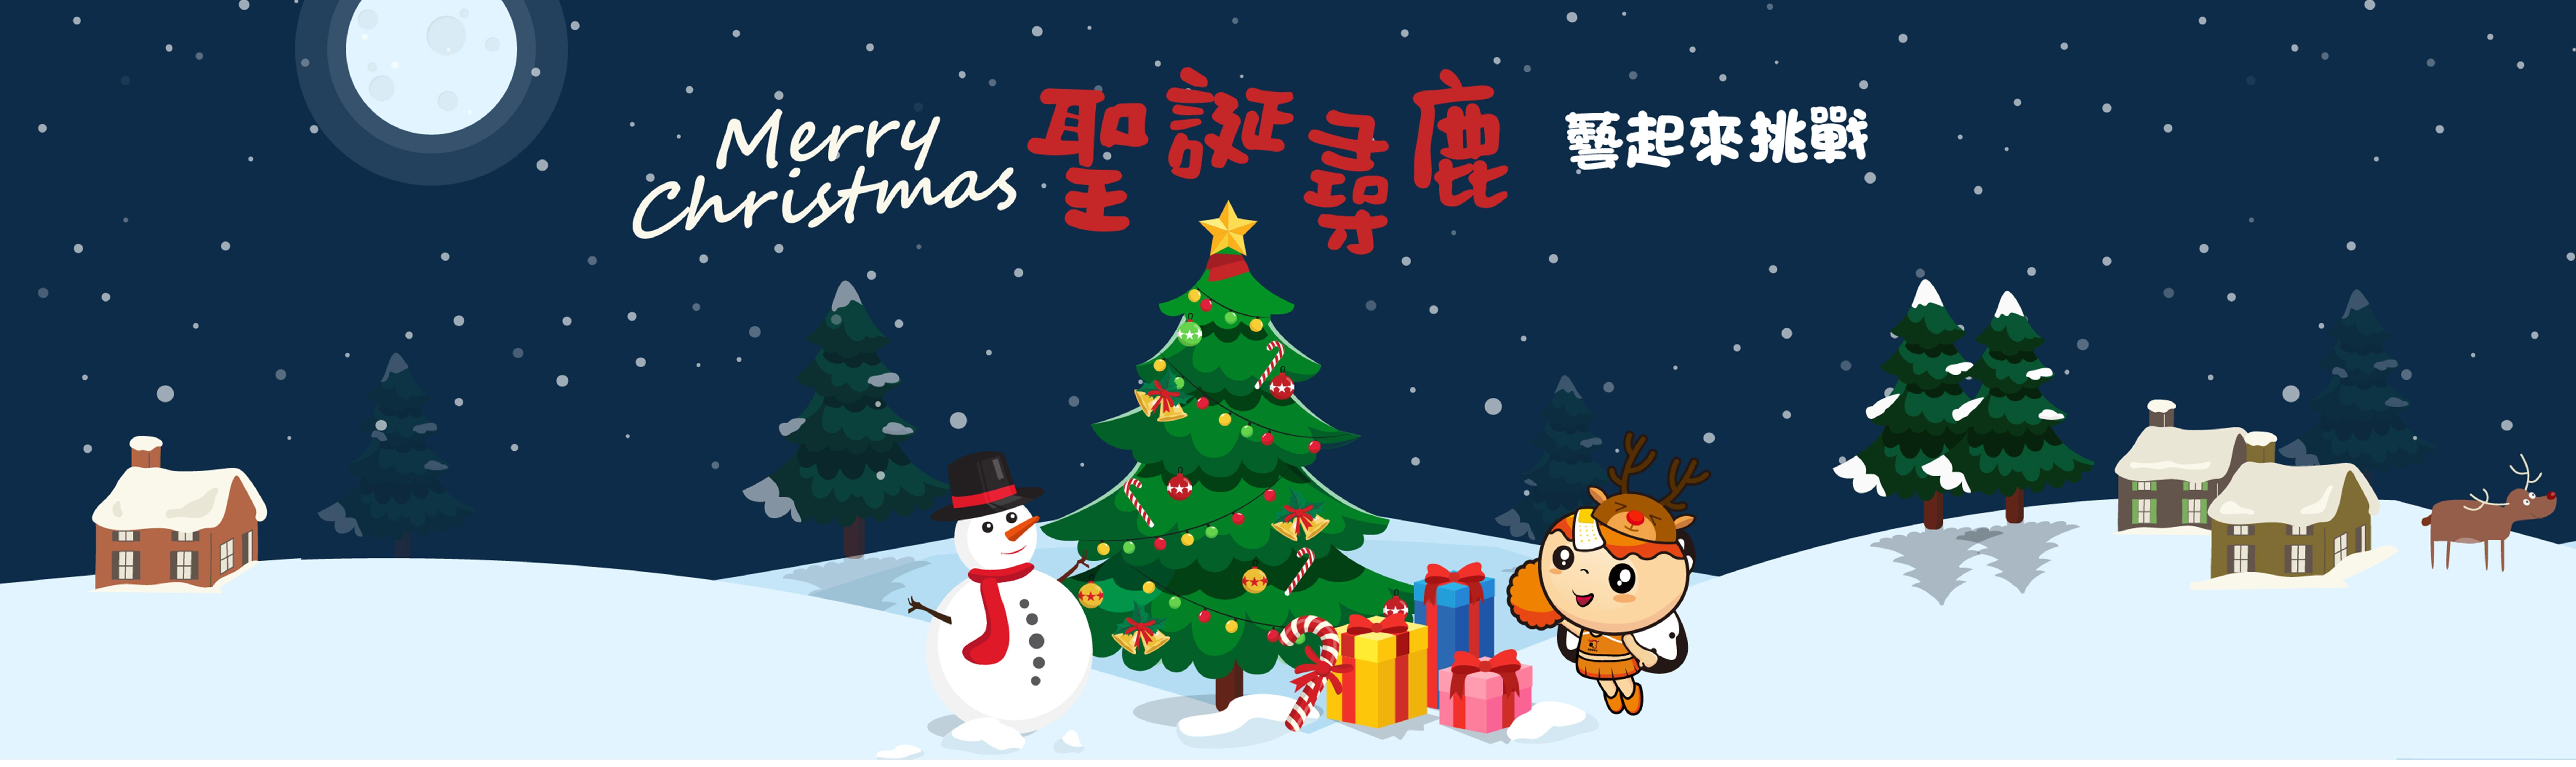 粉絲團活動:【聖誕尋鹿 藝起來挑戰】封面圖片